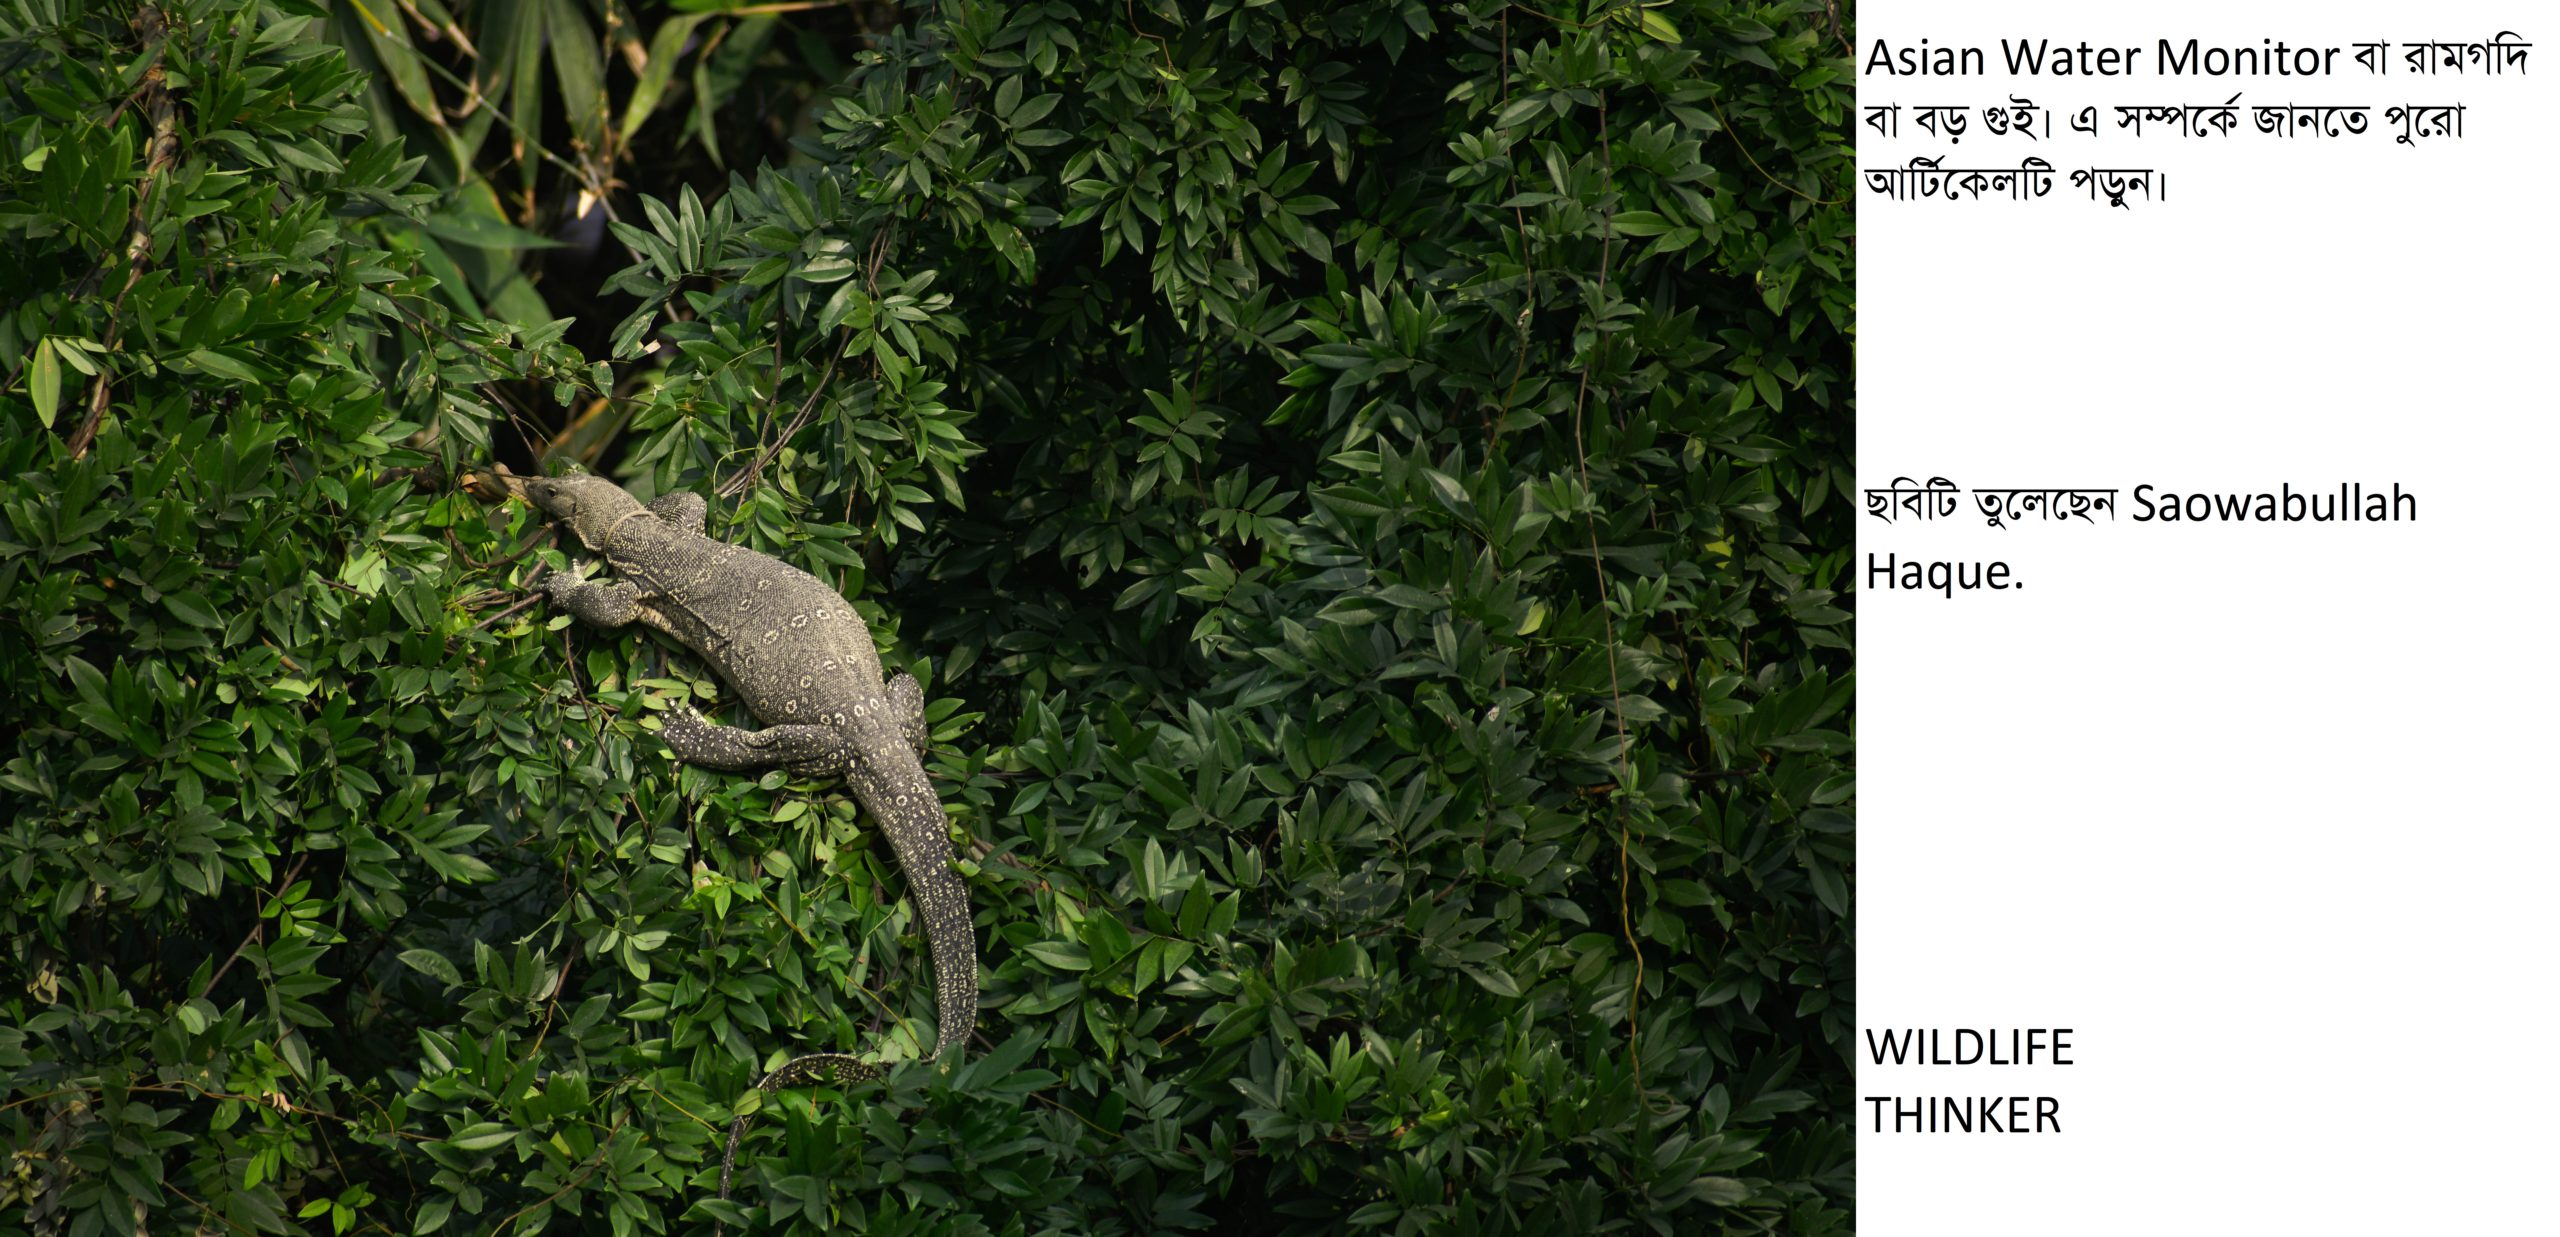 আমাদের জীবিত ড্রাগন 'বড় গুই' (Asian Water Monitor Lizard)